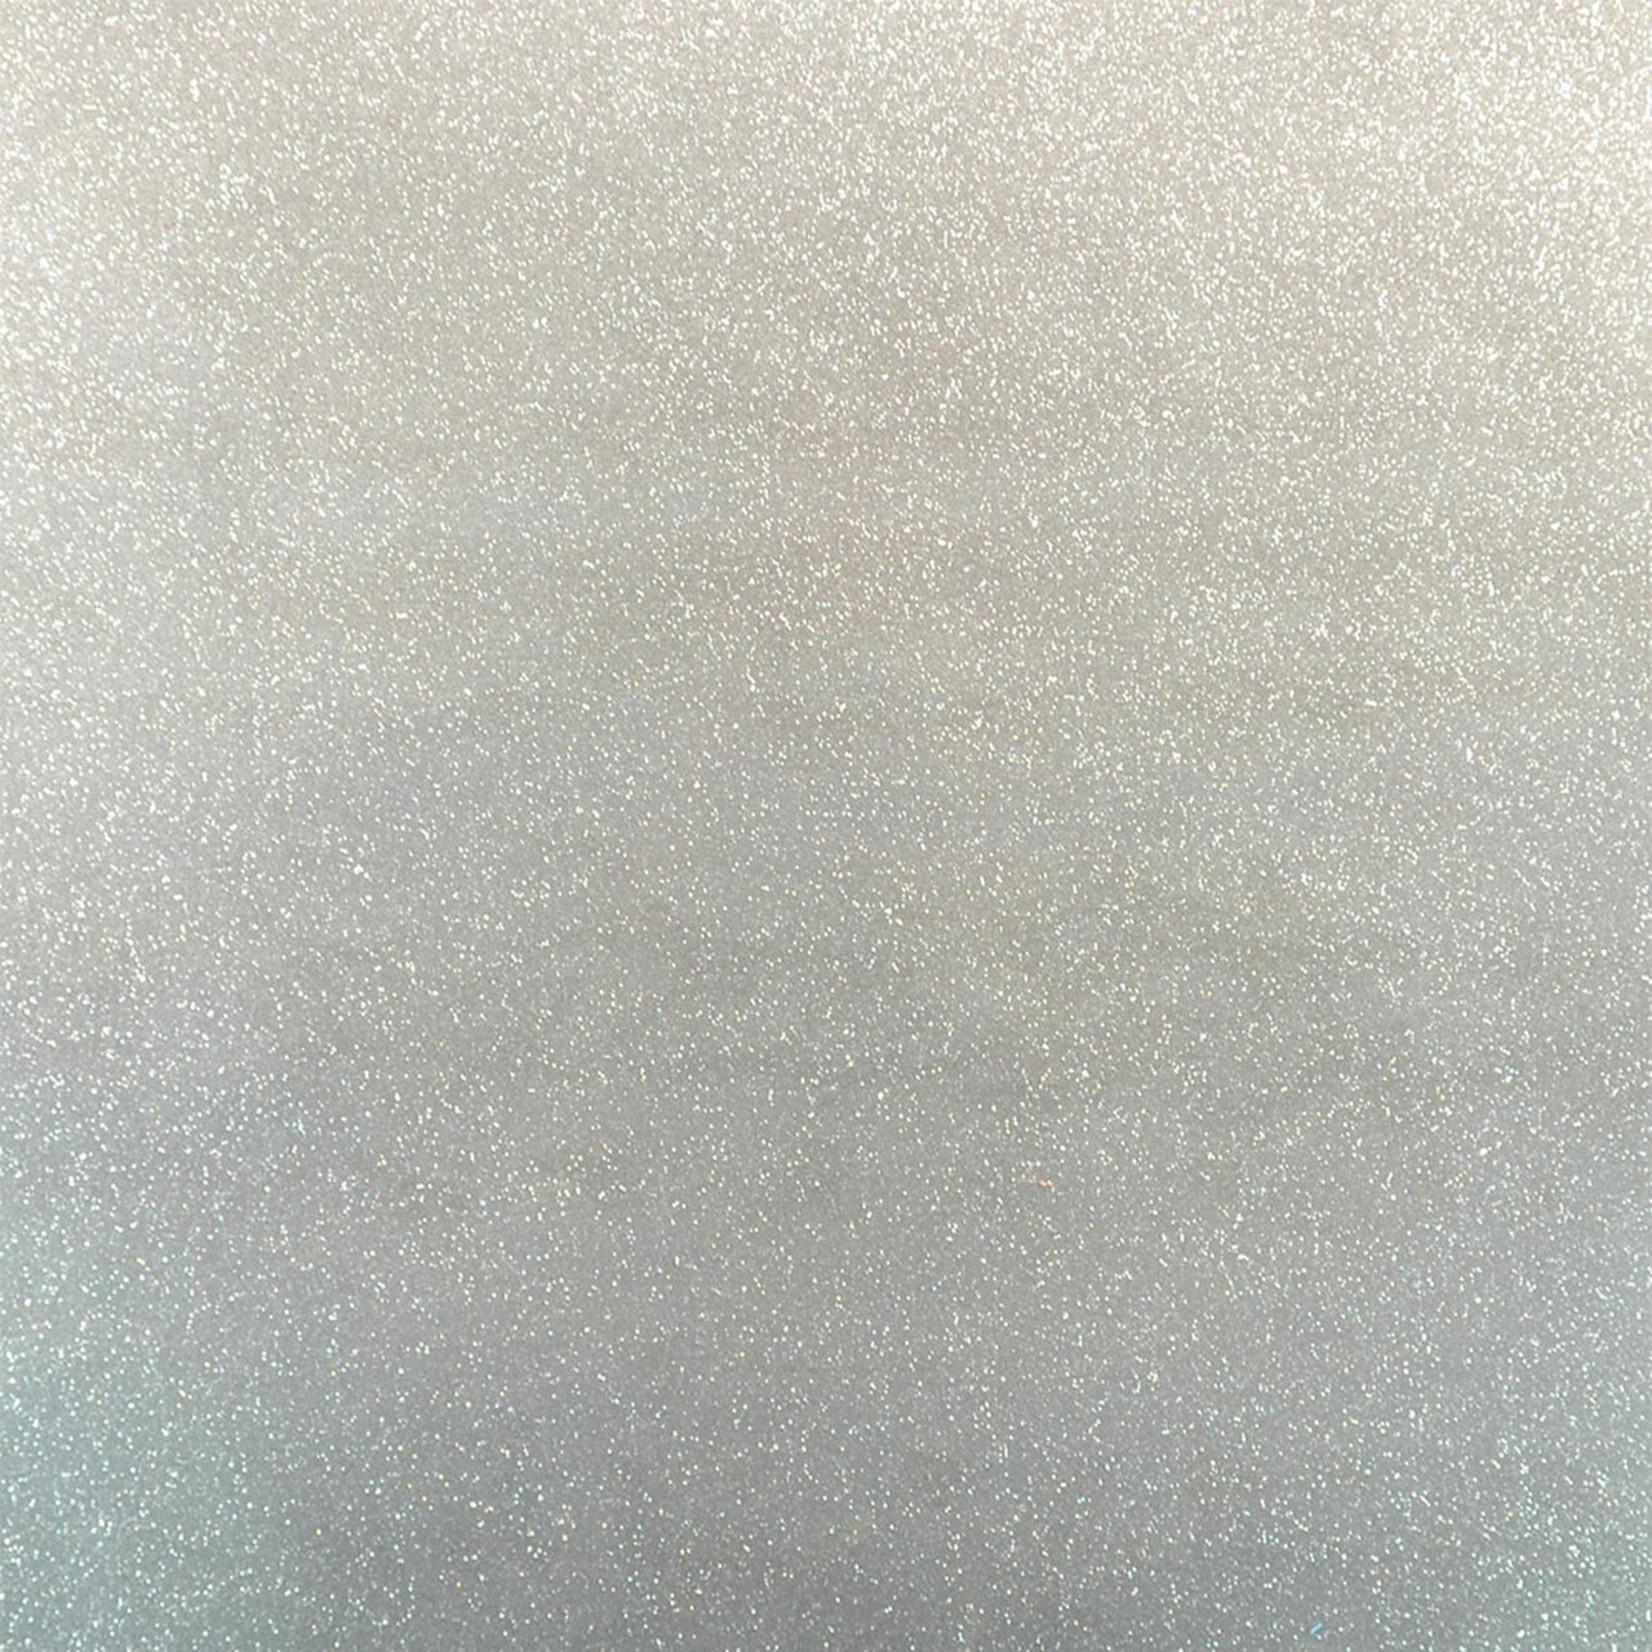 StyleTech StyleTech Ultra Glitter Permanent Adhesive